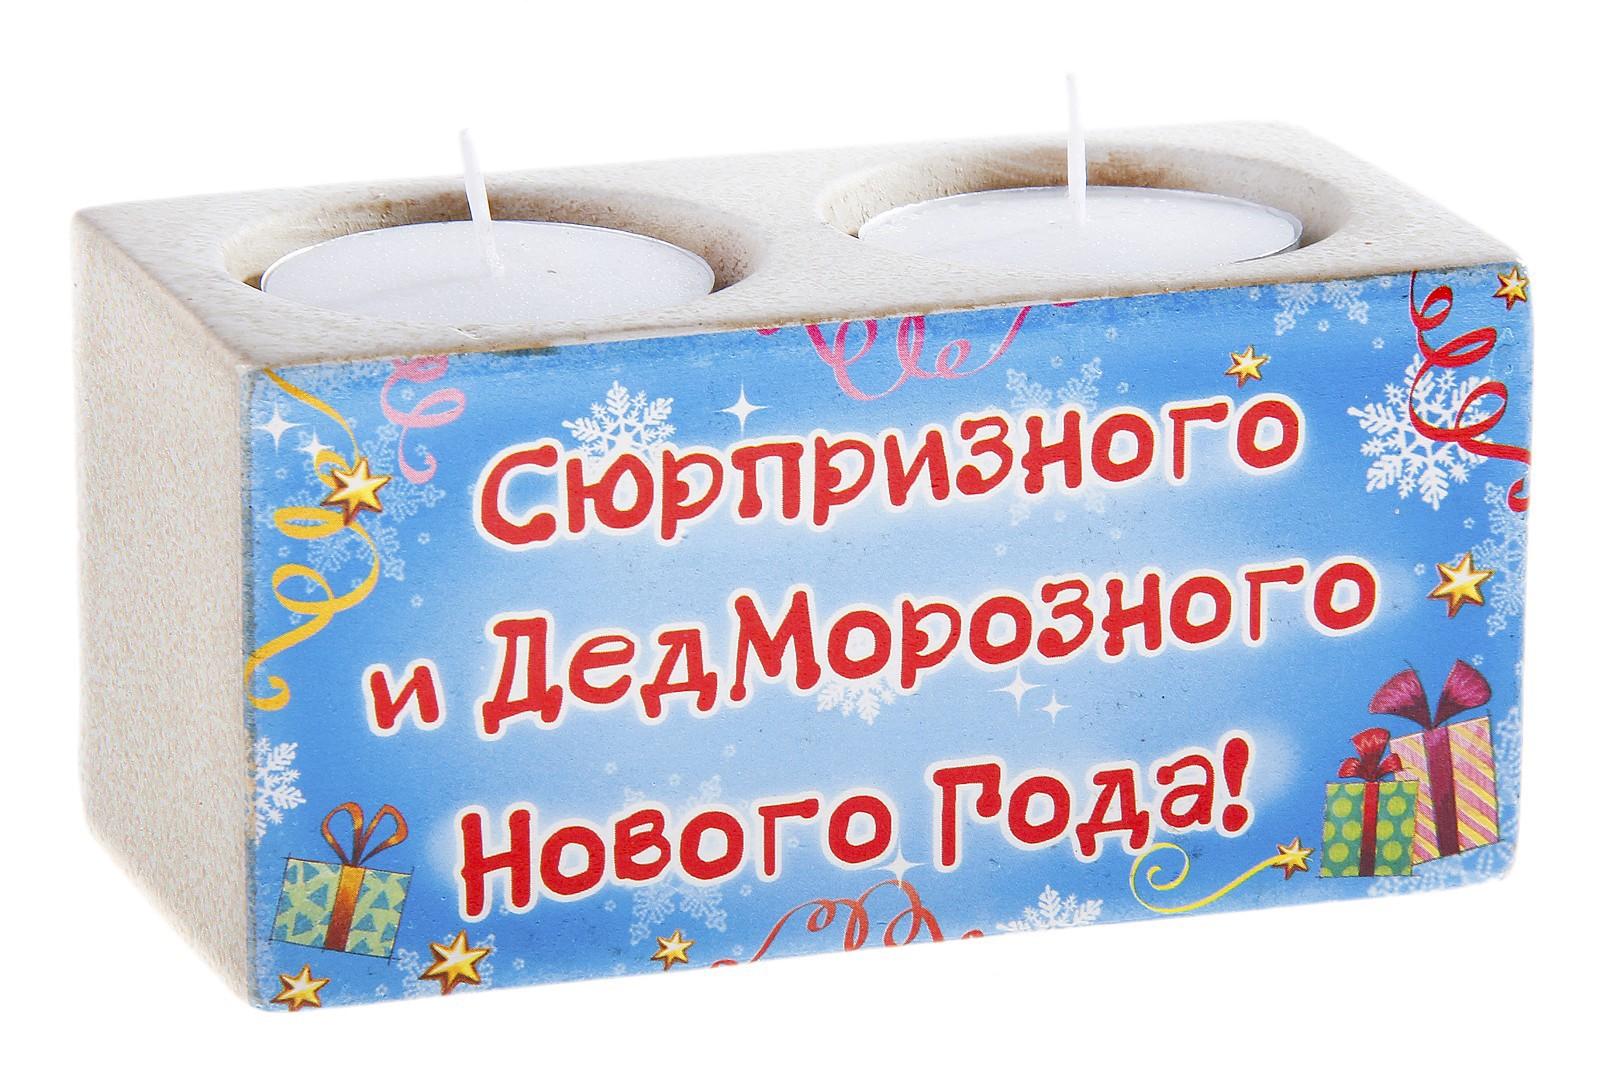 Подсвечник керамический на две свечи Сюрпризного нового года, с двумя свечами. 686646686646Прямоугольный подсвечник Сюрпризного нового года, выполненный из керамики, украшен надписями Сюрпризного и ДедМорозного Нового года. Подсвечник рассчитан на две свечи. С таким стильным аксессуаром ваш праздник станет незабываемым. В комплекте - 2 чайные свечки. Характеристики: Материал: керамика. Цвет: голубой, бежевый. Размер подсвечника: 11 см х 5,5 см х 5,5 см. Диаметр свечи: 4 см. Артикул: 686646.